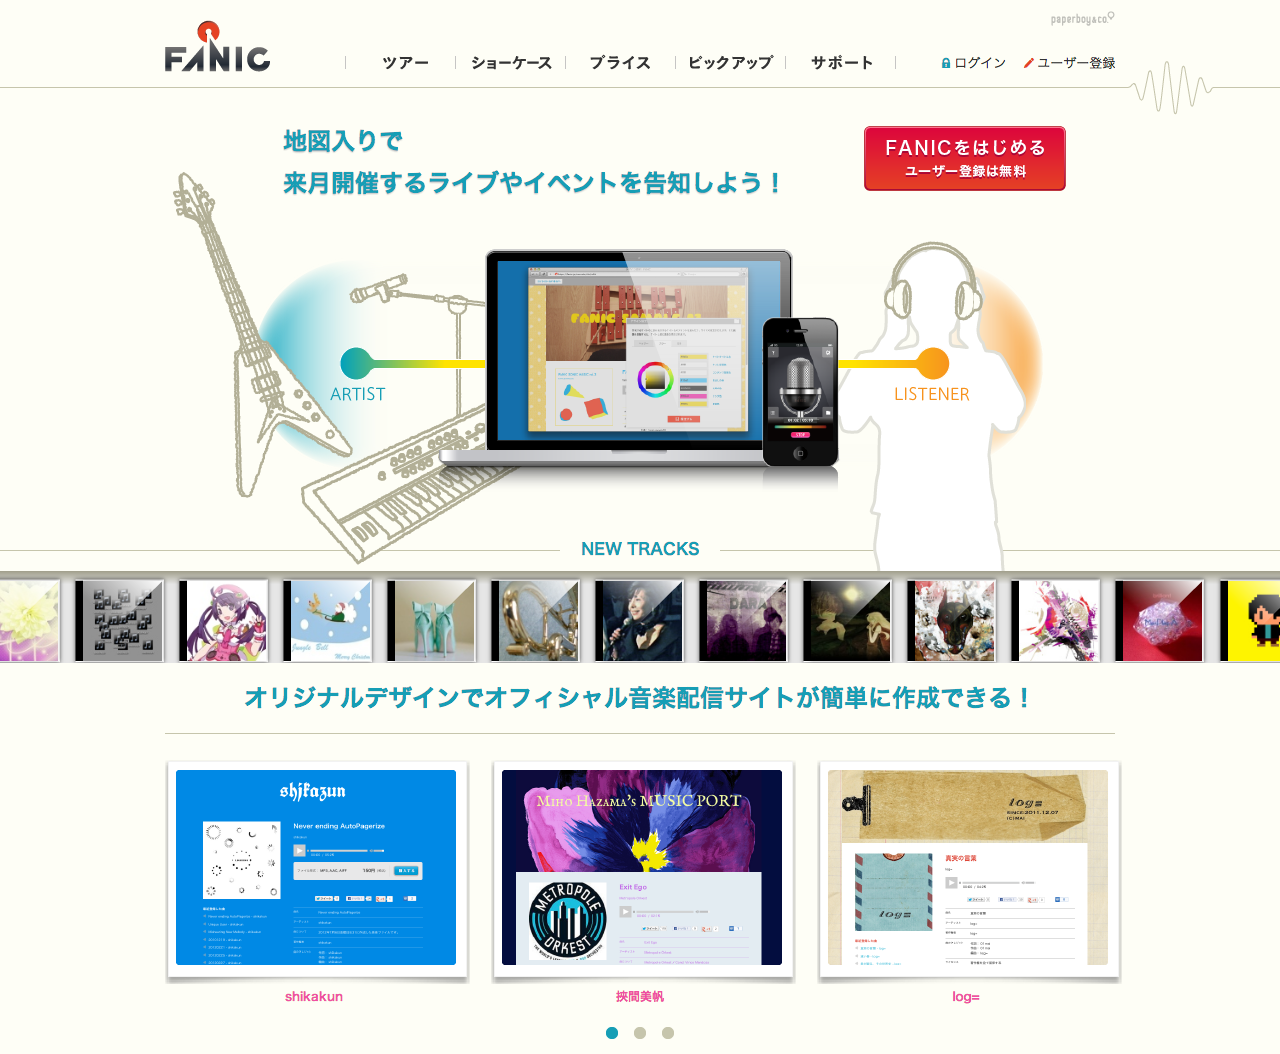 paperboy がインディーズバンド・歌手向けの新サービス|音楽配信ホームページ作成サービス FANIC